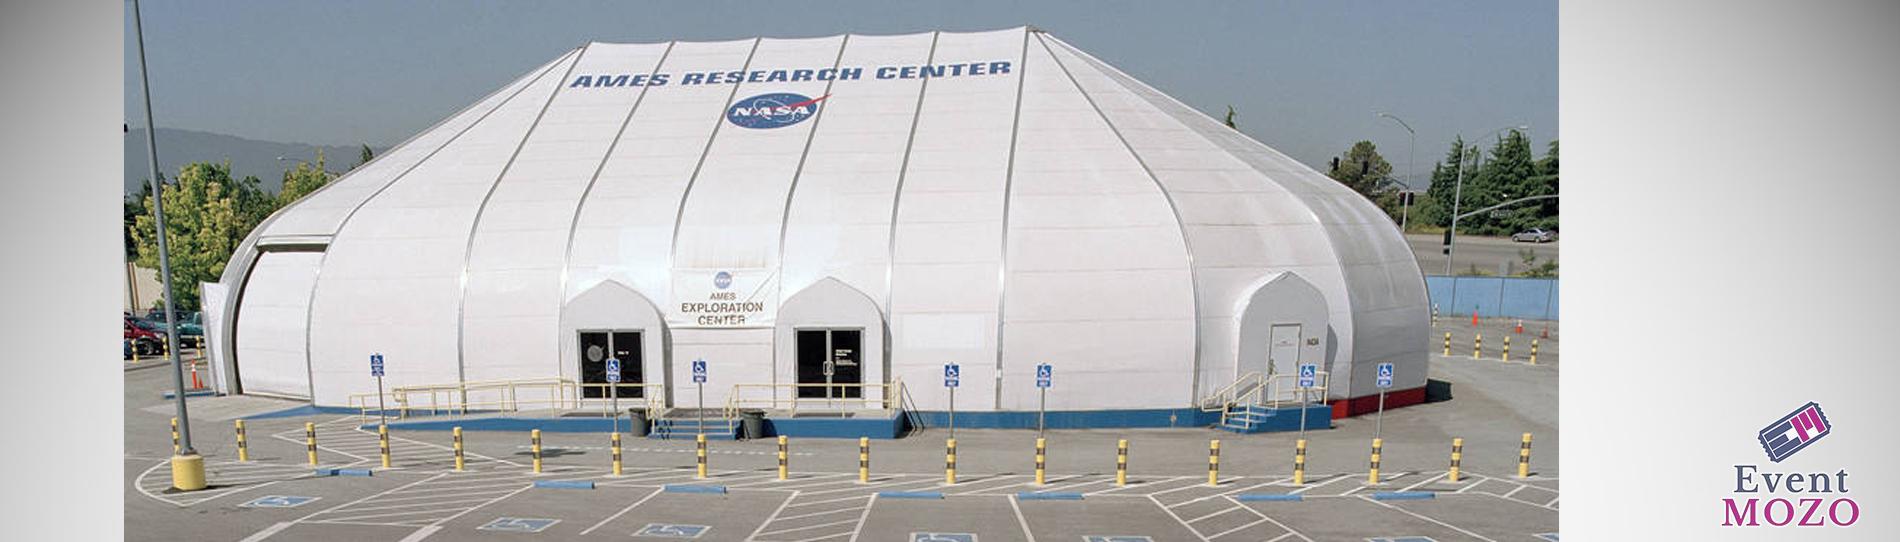 EventMozo The NASA Gift Shop in Silicon Valley